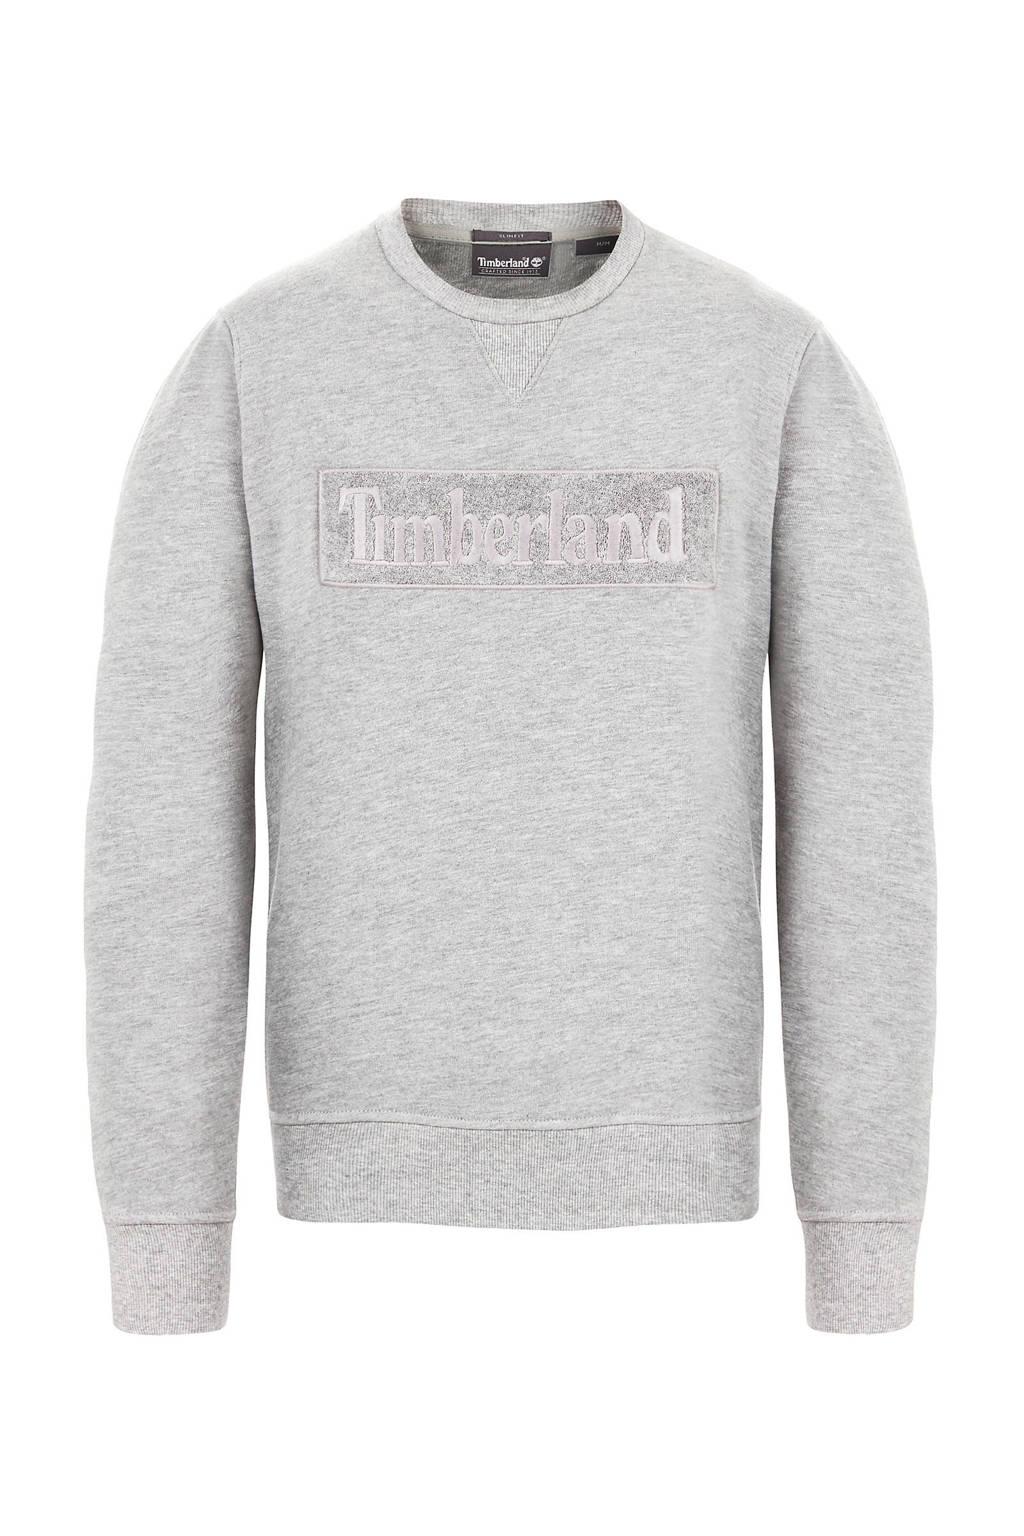 Timberland gemeêleerde sweater met logo grijs, Grijs